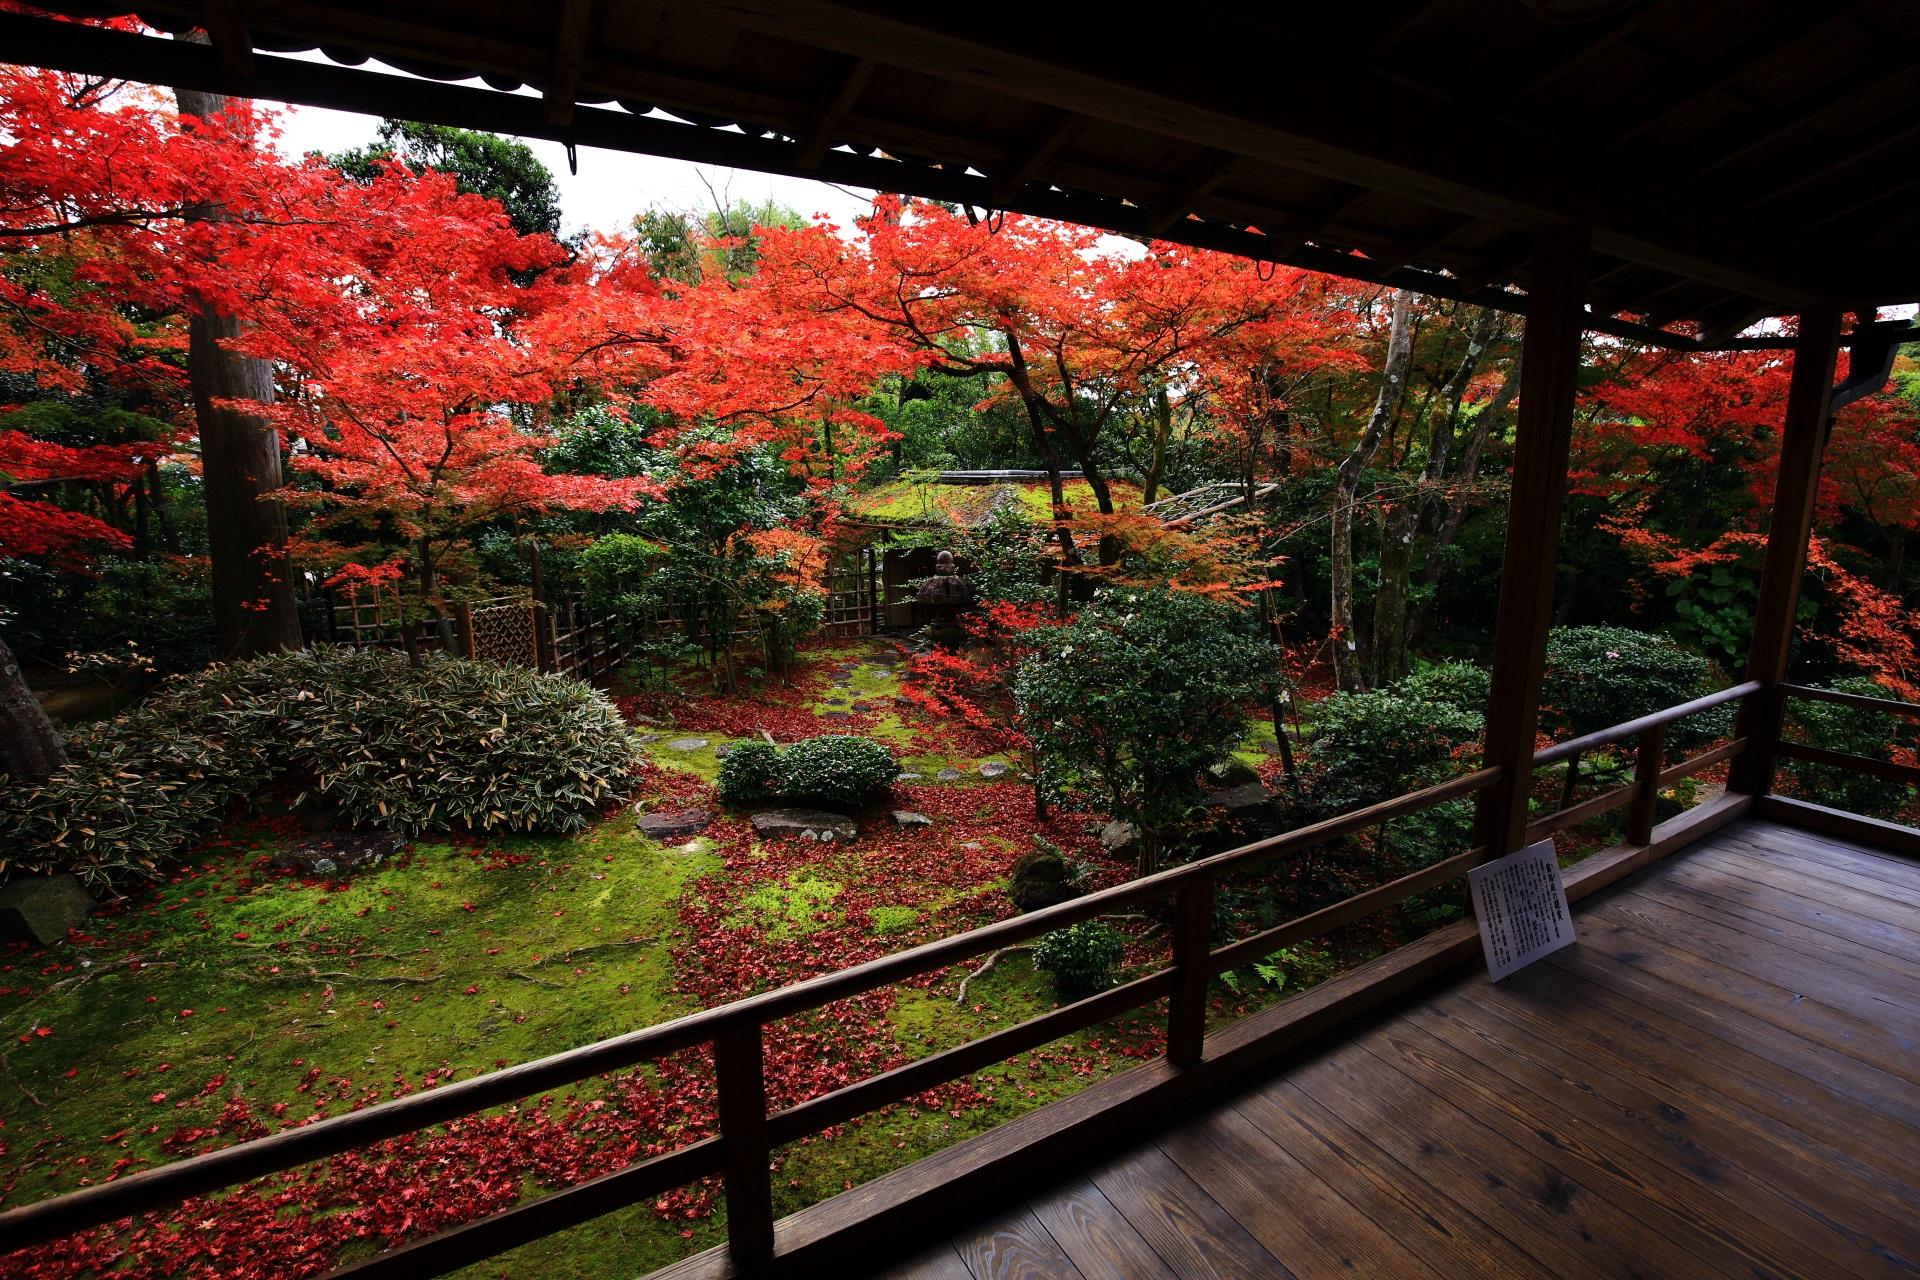 客殿を囲むように広がる秋につつまれた露地庭園